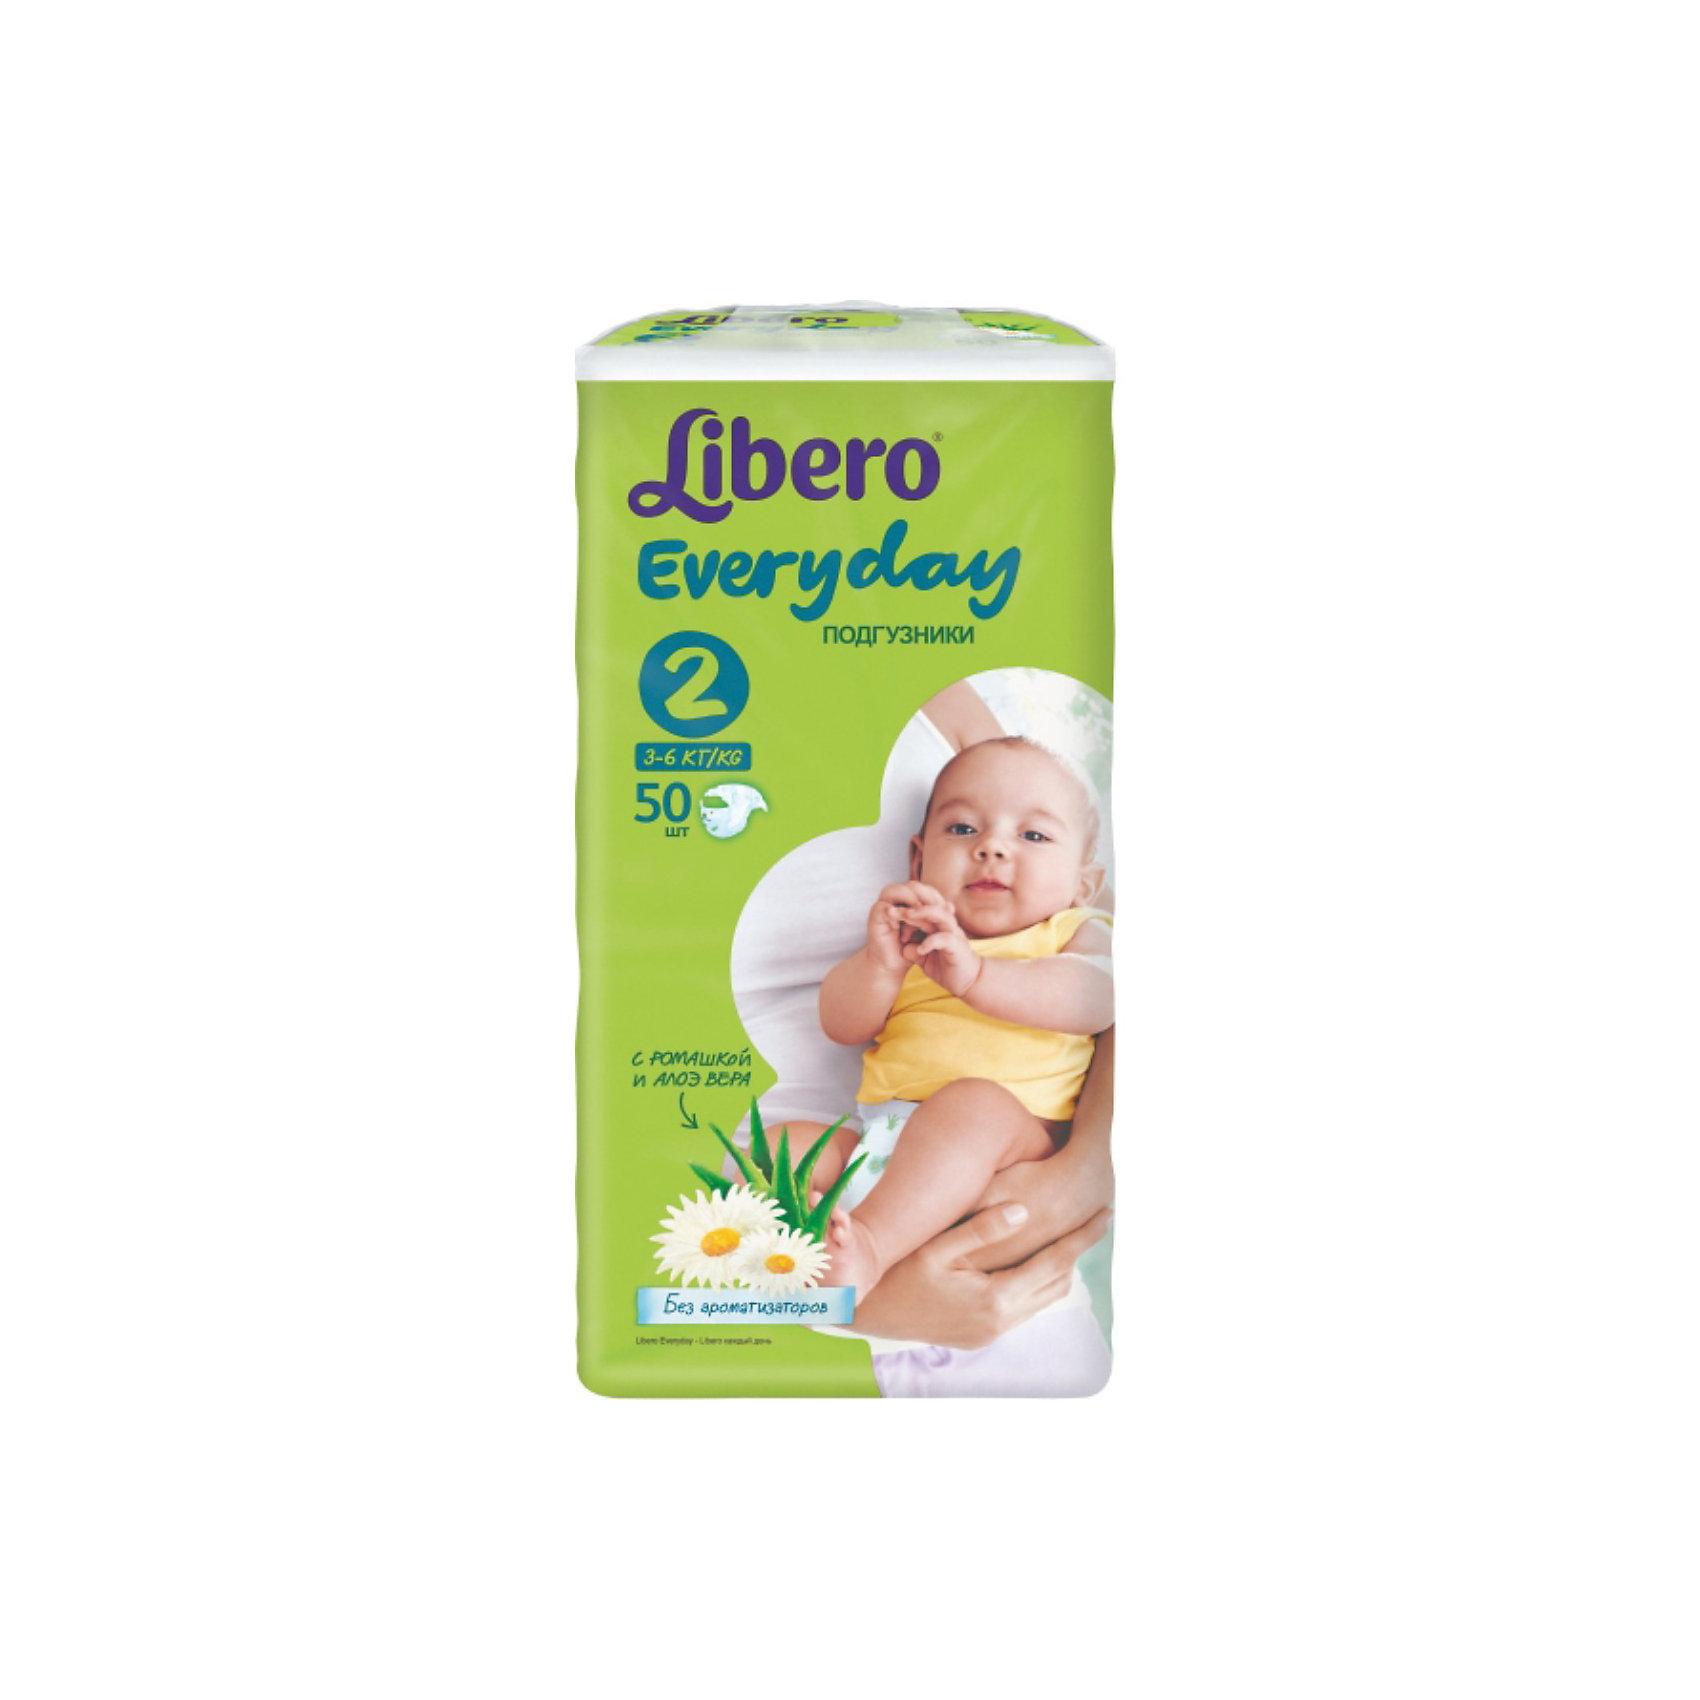 Подгузники Libero Everyday, Mini 3-6 кг (2), 50 шт., EconomПодгузники классические<br>Подгузники Libero Everyday (Либеро Эвридэй) Size 2 (3-6кг), 50 шт.<br><br>Характеристики:<br><br>• быстро впитывают влагу и удерживают ее<br>• нетканый дышащий материал<br>• эластичная резиночка не сковывает движения ребенка<br>• мягкий барьер вокруг ног защитит от протеканий<br>• приятный рисунок<br>• многоразовые застежки<br>• размер: 2 (от 3 до 6 кг)<br>• количество в упаковке: 50 шт.<br><br>Подгузники Libero Everyday подарят сухость и комфорт вашему малышу. Подгузники плотно прилегают к телу и не сковывают движения крохи, благодаря эластичному поясу. Нетканый материал подгузника имеет отверстия для циркуляции воздуха, позволяющие коже дышать, что особенно важно для новорожденных. Внутренний слой быстро впитывает влагу, равномерно распределяет и удерживает ее внутри. <br>Ромашка и алоэ бережно позаботятся о коже малыша и не допустят воспаления и раздражения. Подарите крохе комфорт с подгузниками Libero Everyday!<br><br>Подгузники Libero Everyday (Либеро Эвридэй) Size 2 (3-6кг), 50 шт вы можете купить в нашем интернет-магазине.<br><br>Ширина мм: 115<br>Глубина мм: 195<br>Высота мм: 370<br>Вес г: 1078<br>Возраст от месяцев: 0<br>Возраст до месяцев: 3<br>Пол: Унисекс<br>Возраст: Детский<br>SKU: 3517601